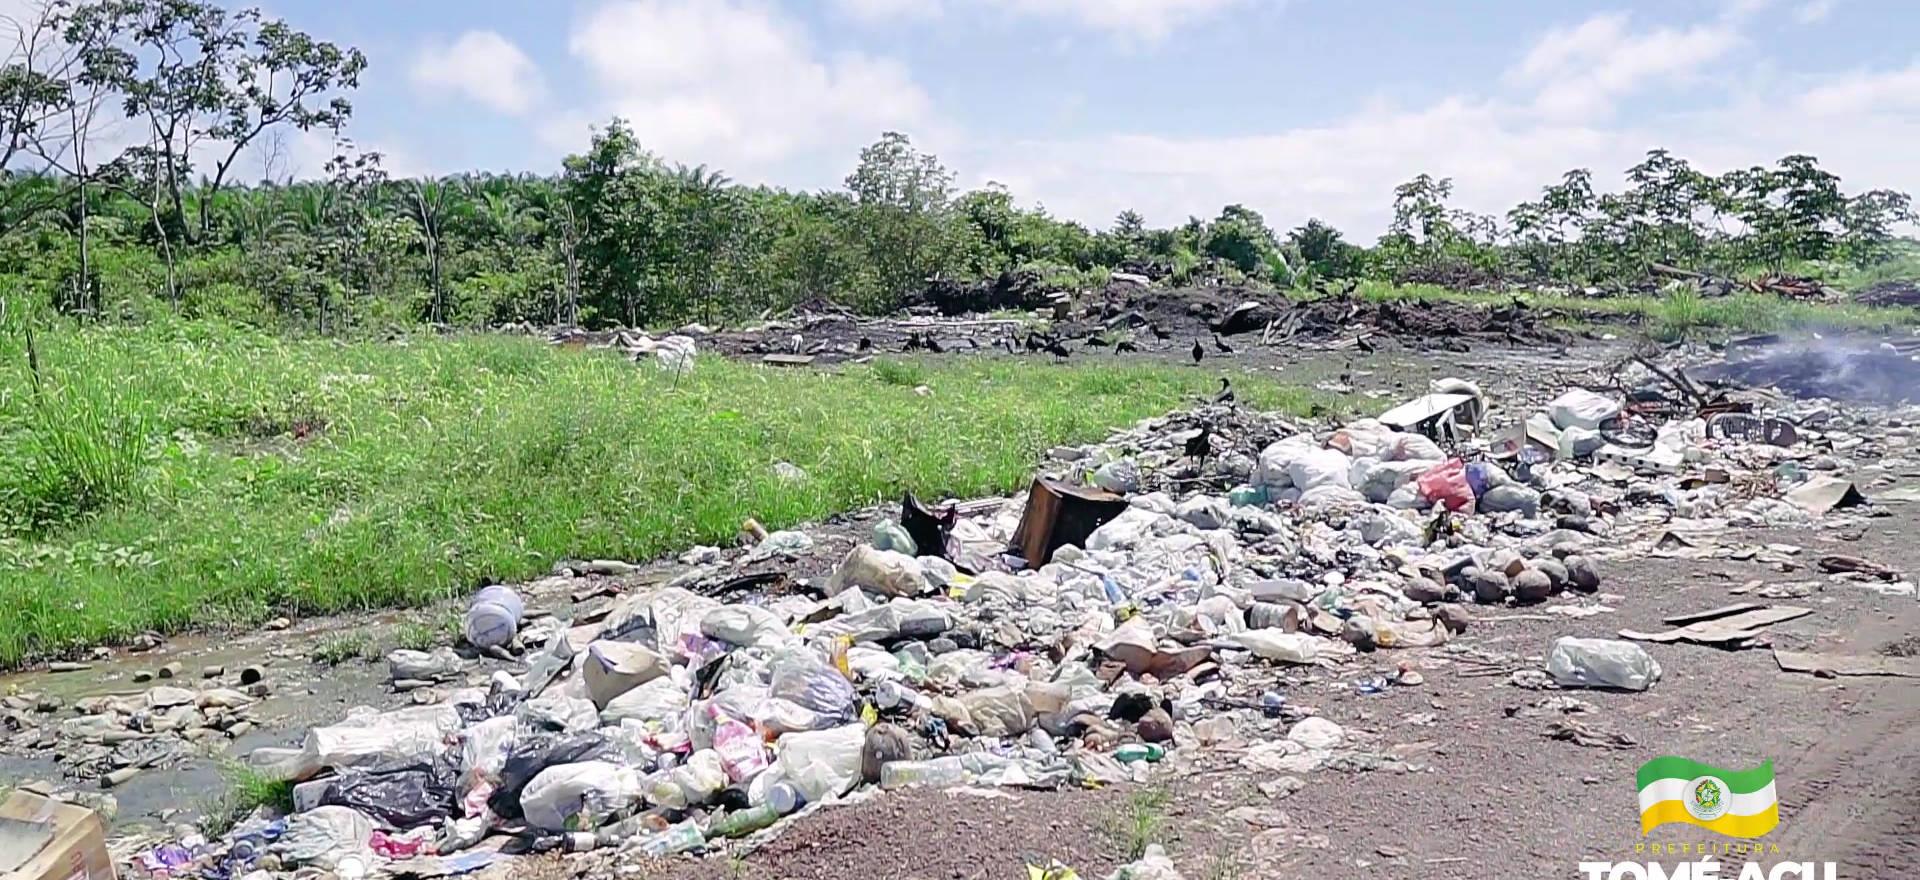 SEMMA realiza visita para viabilizar o descarte correto do lixo da Vila Nova